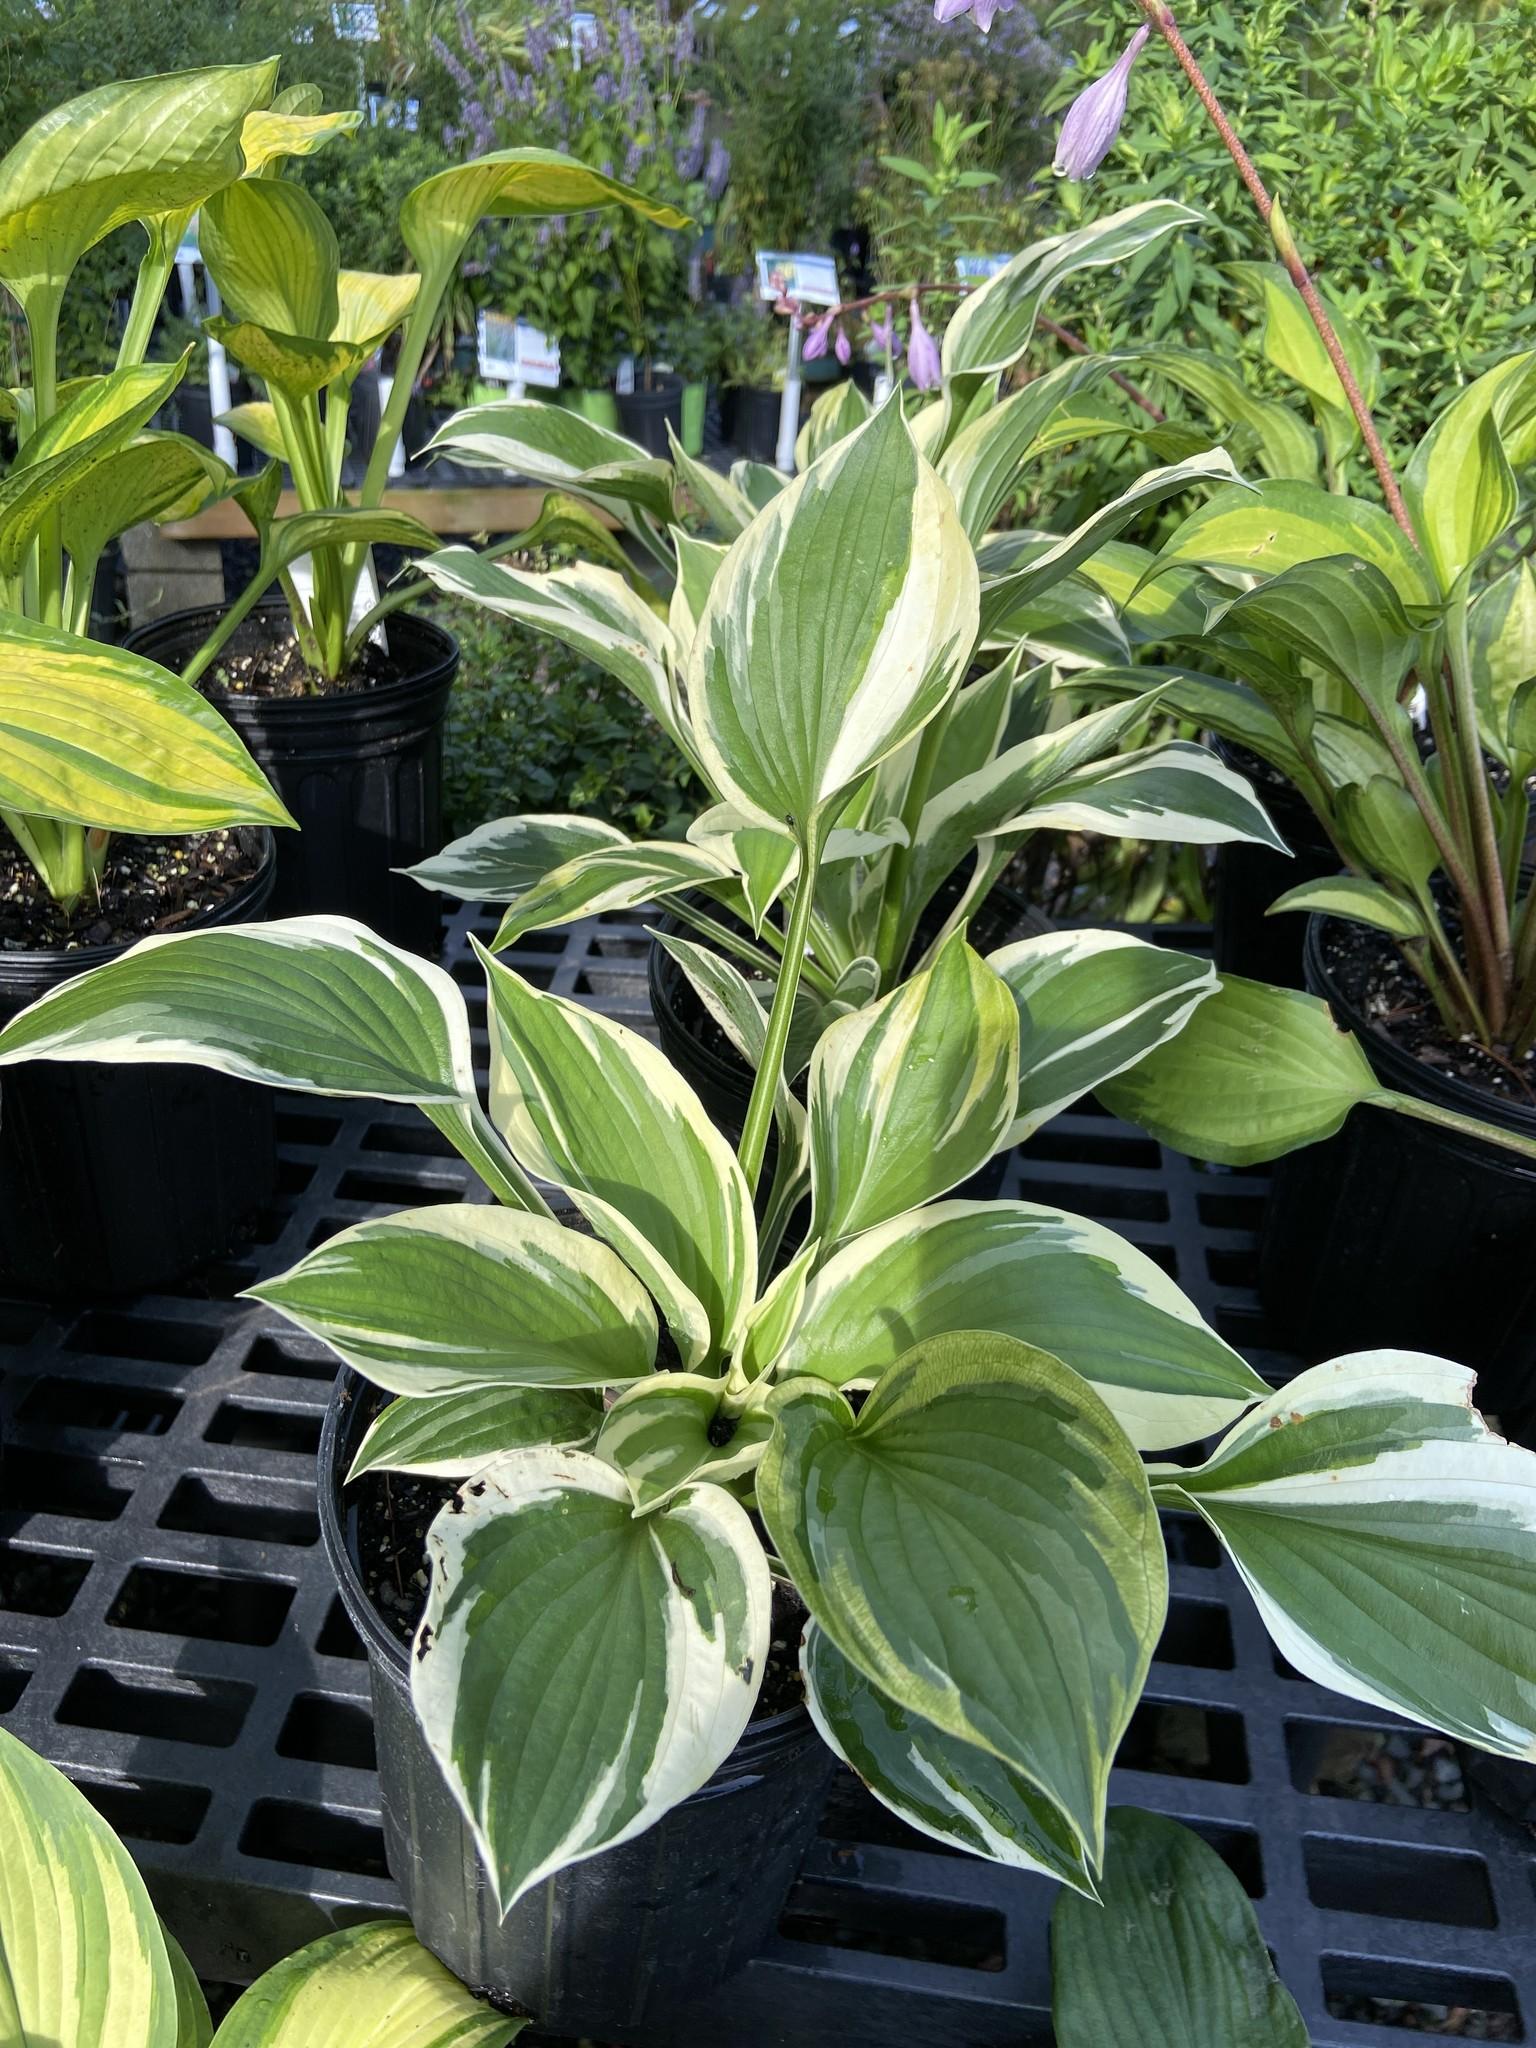 Hosta Patriot Plantain Lily, Patriot, #1